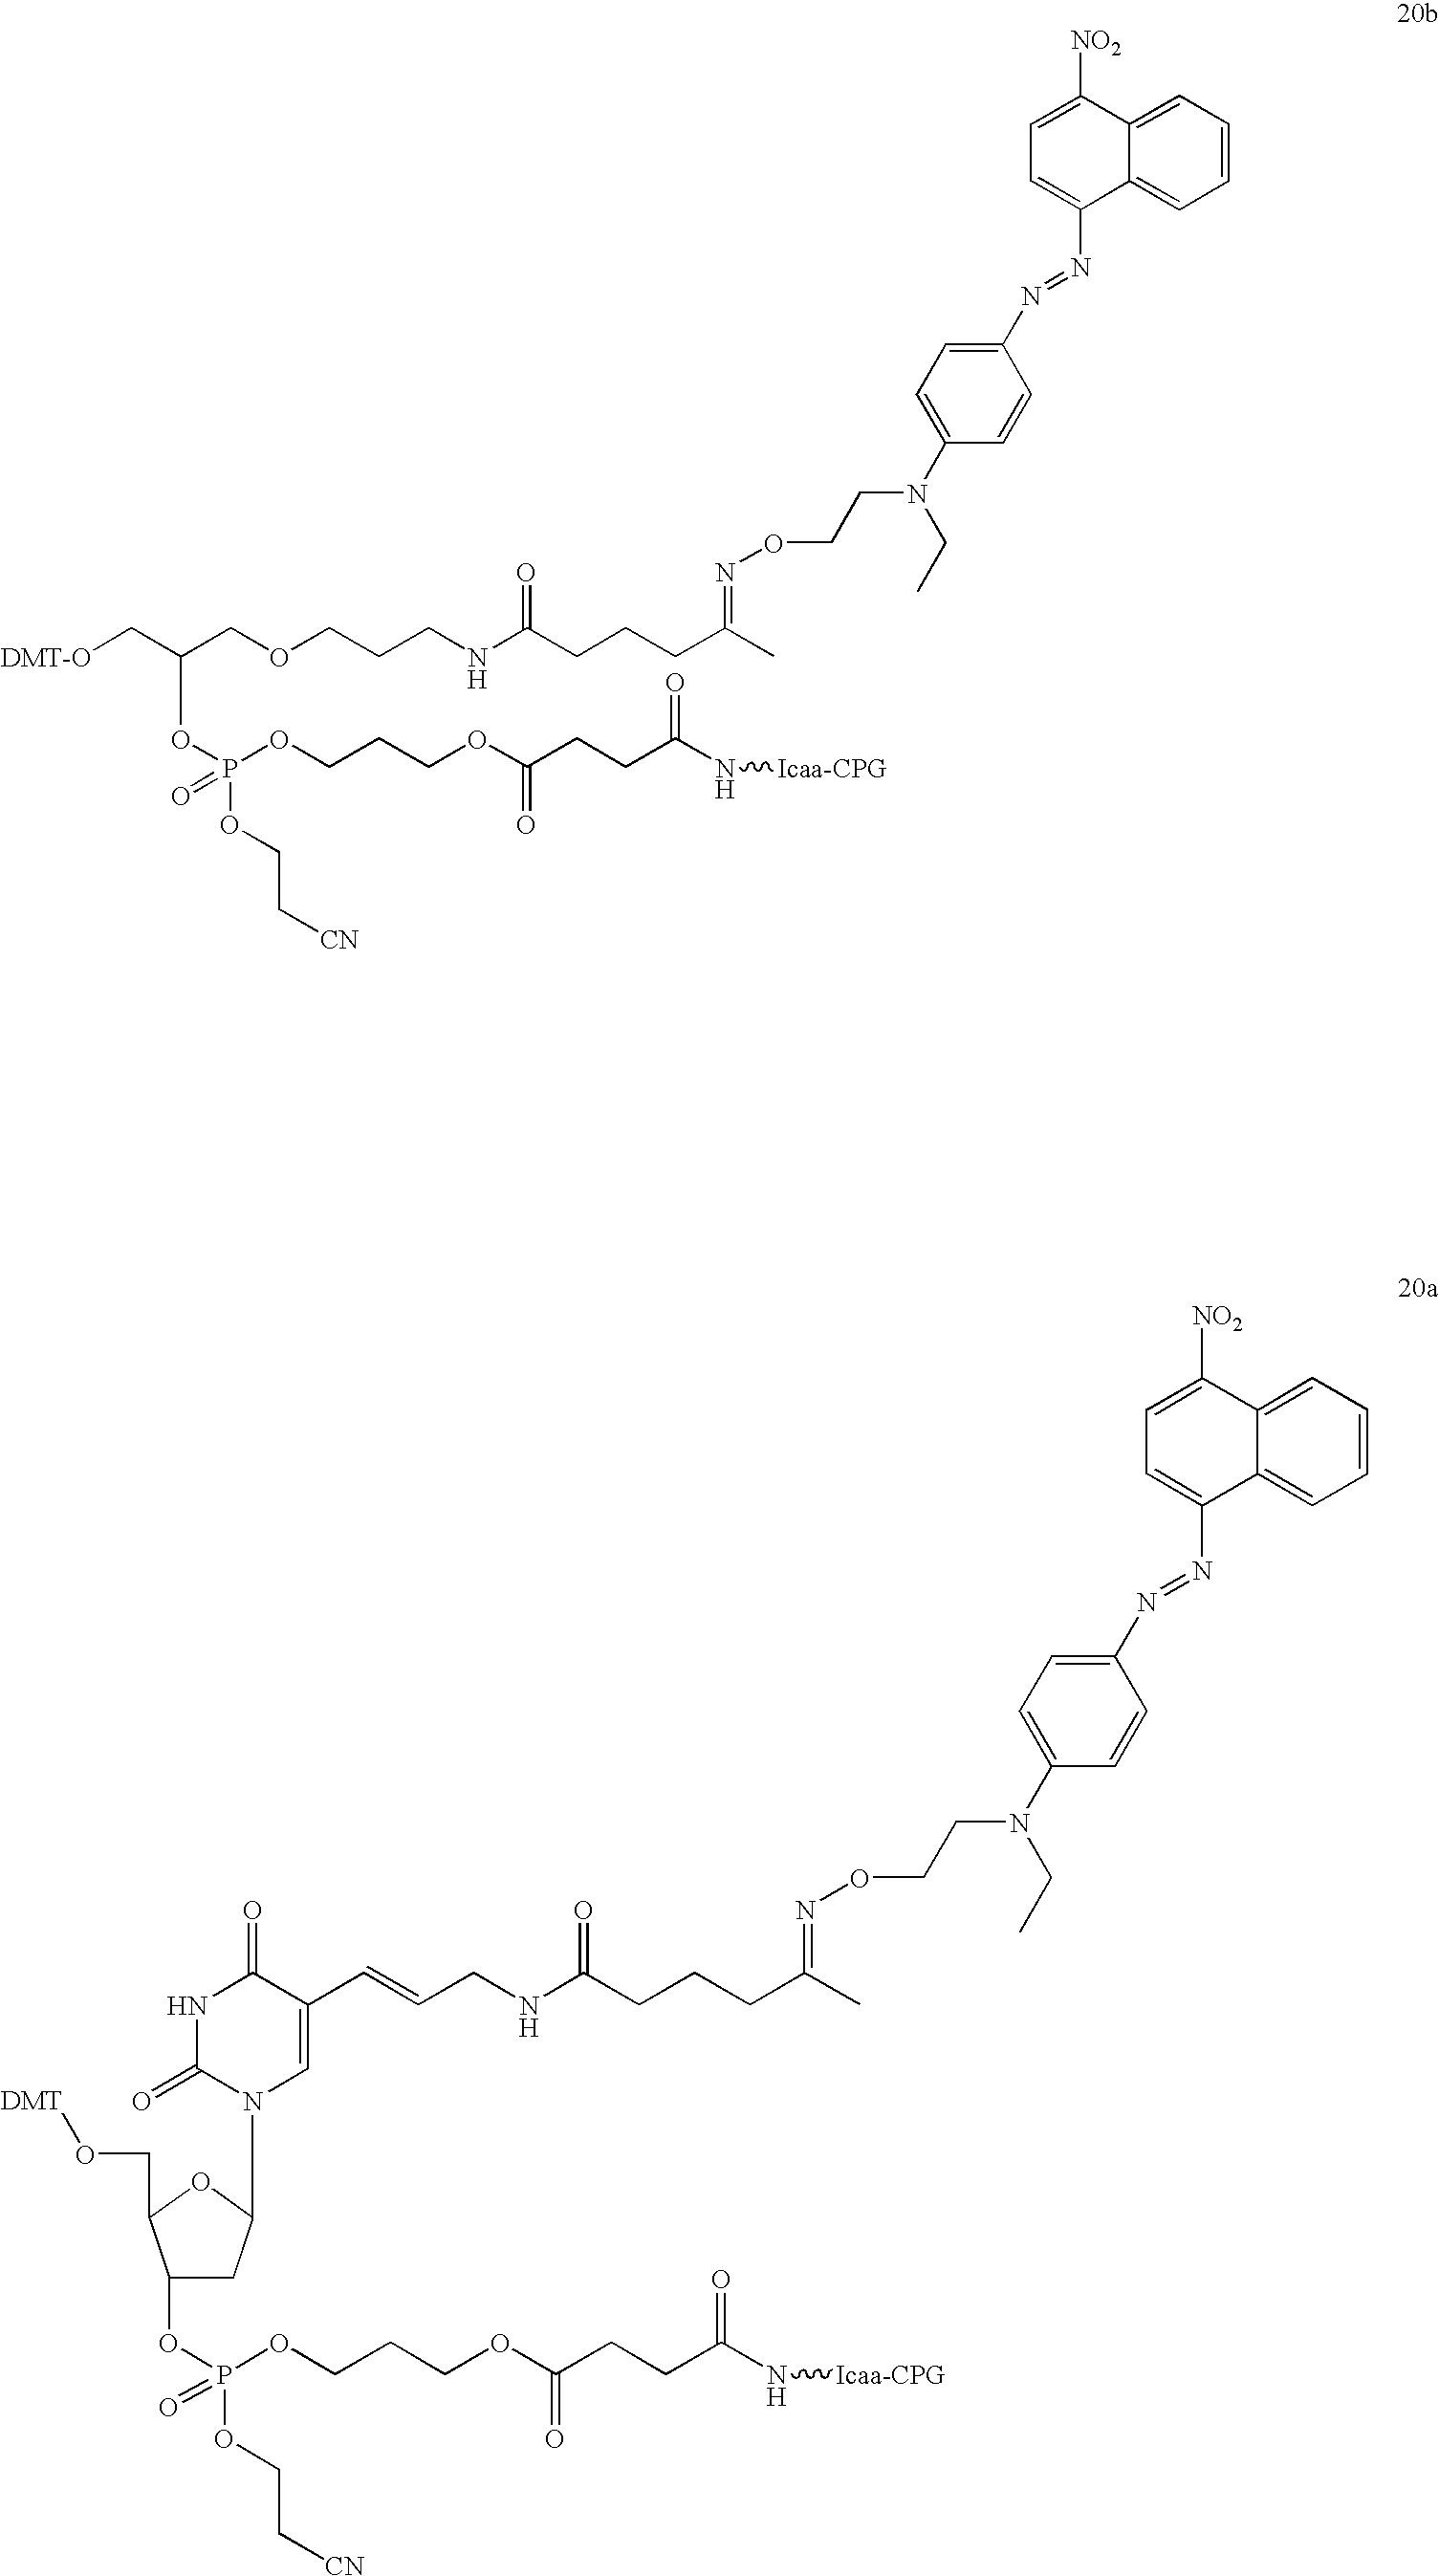 Figure US07605243-20091020-C00020